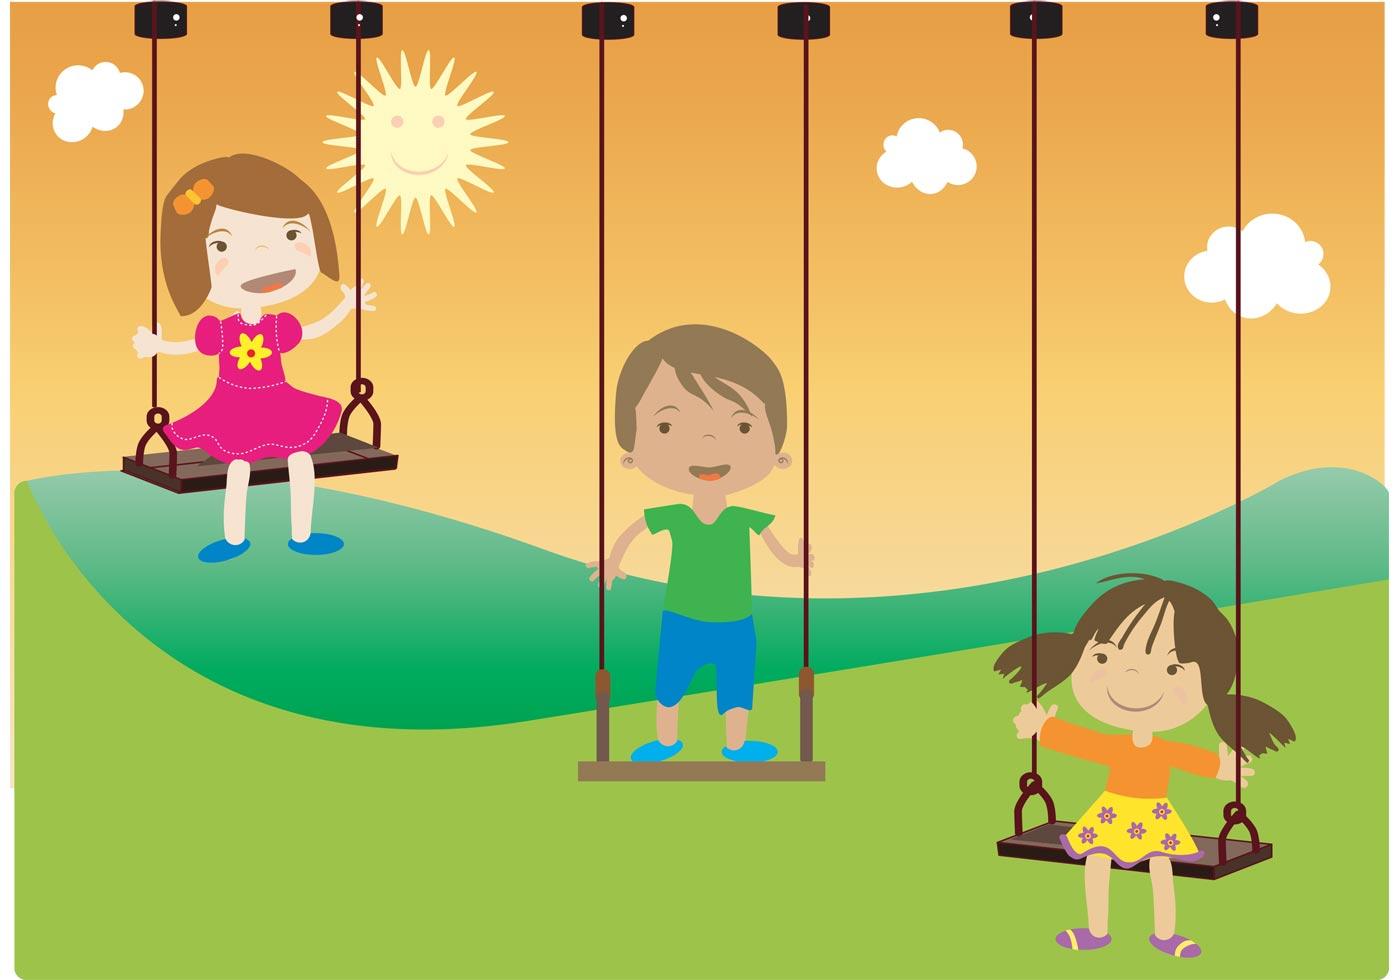 Happy Kids Swinging - Download Free Vector Art 371dc4367dad